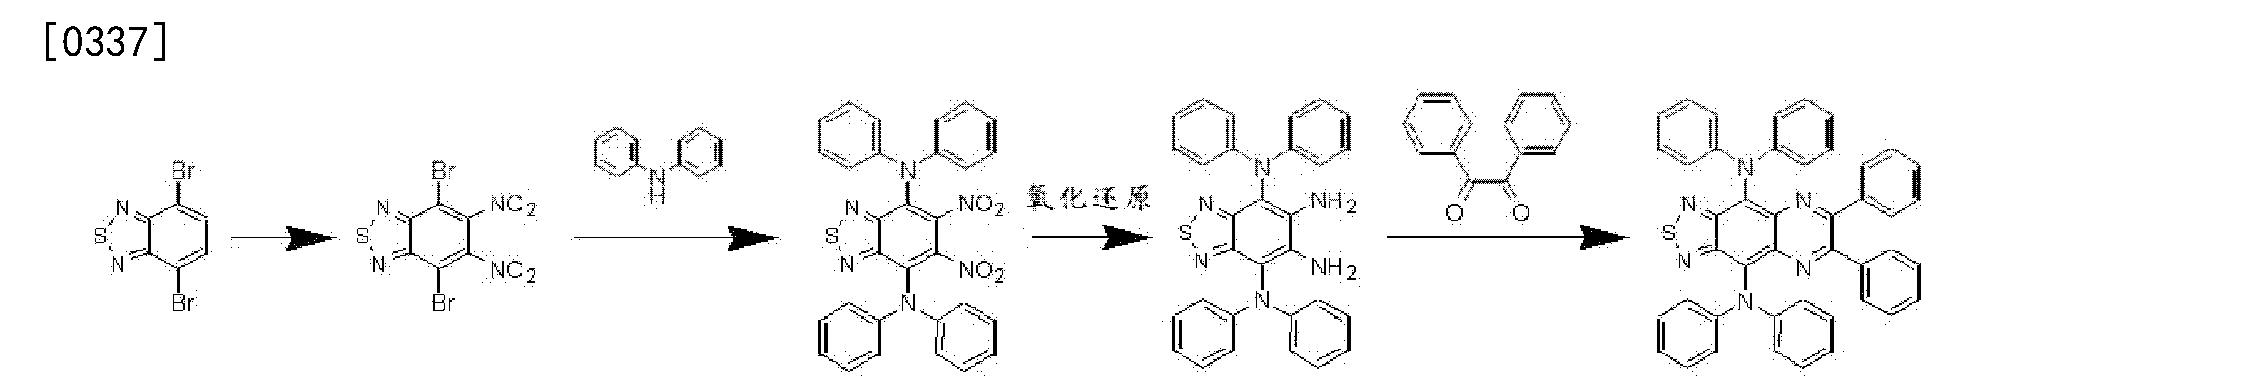 Figure CN102731533BD00351